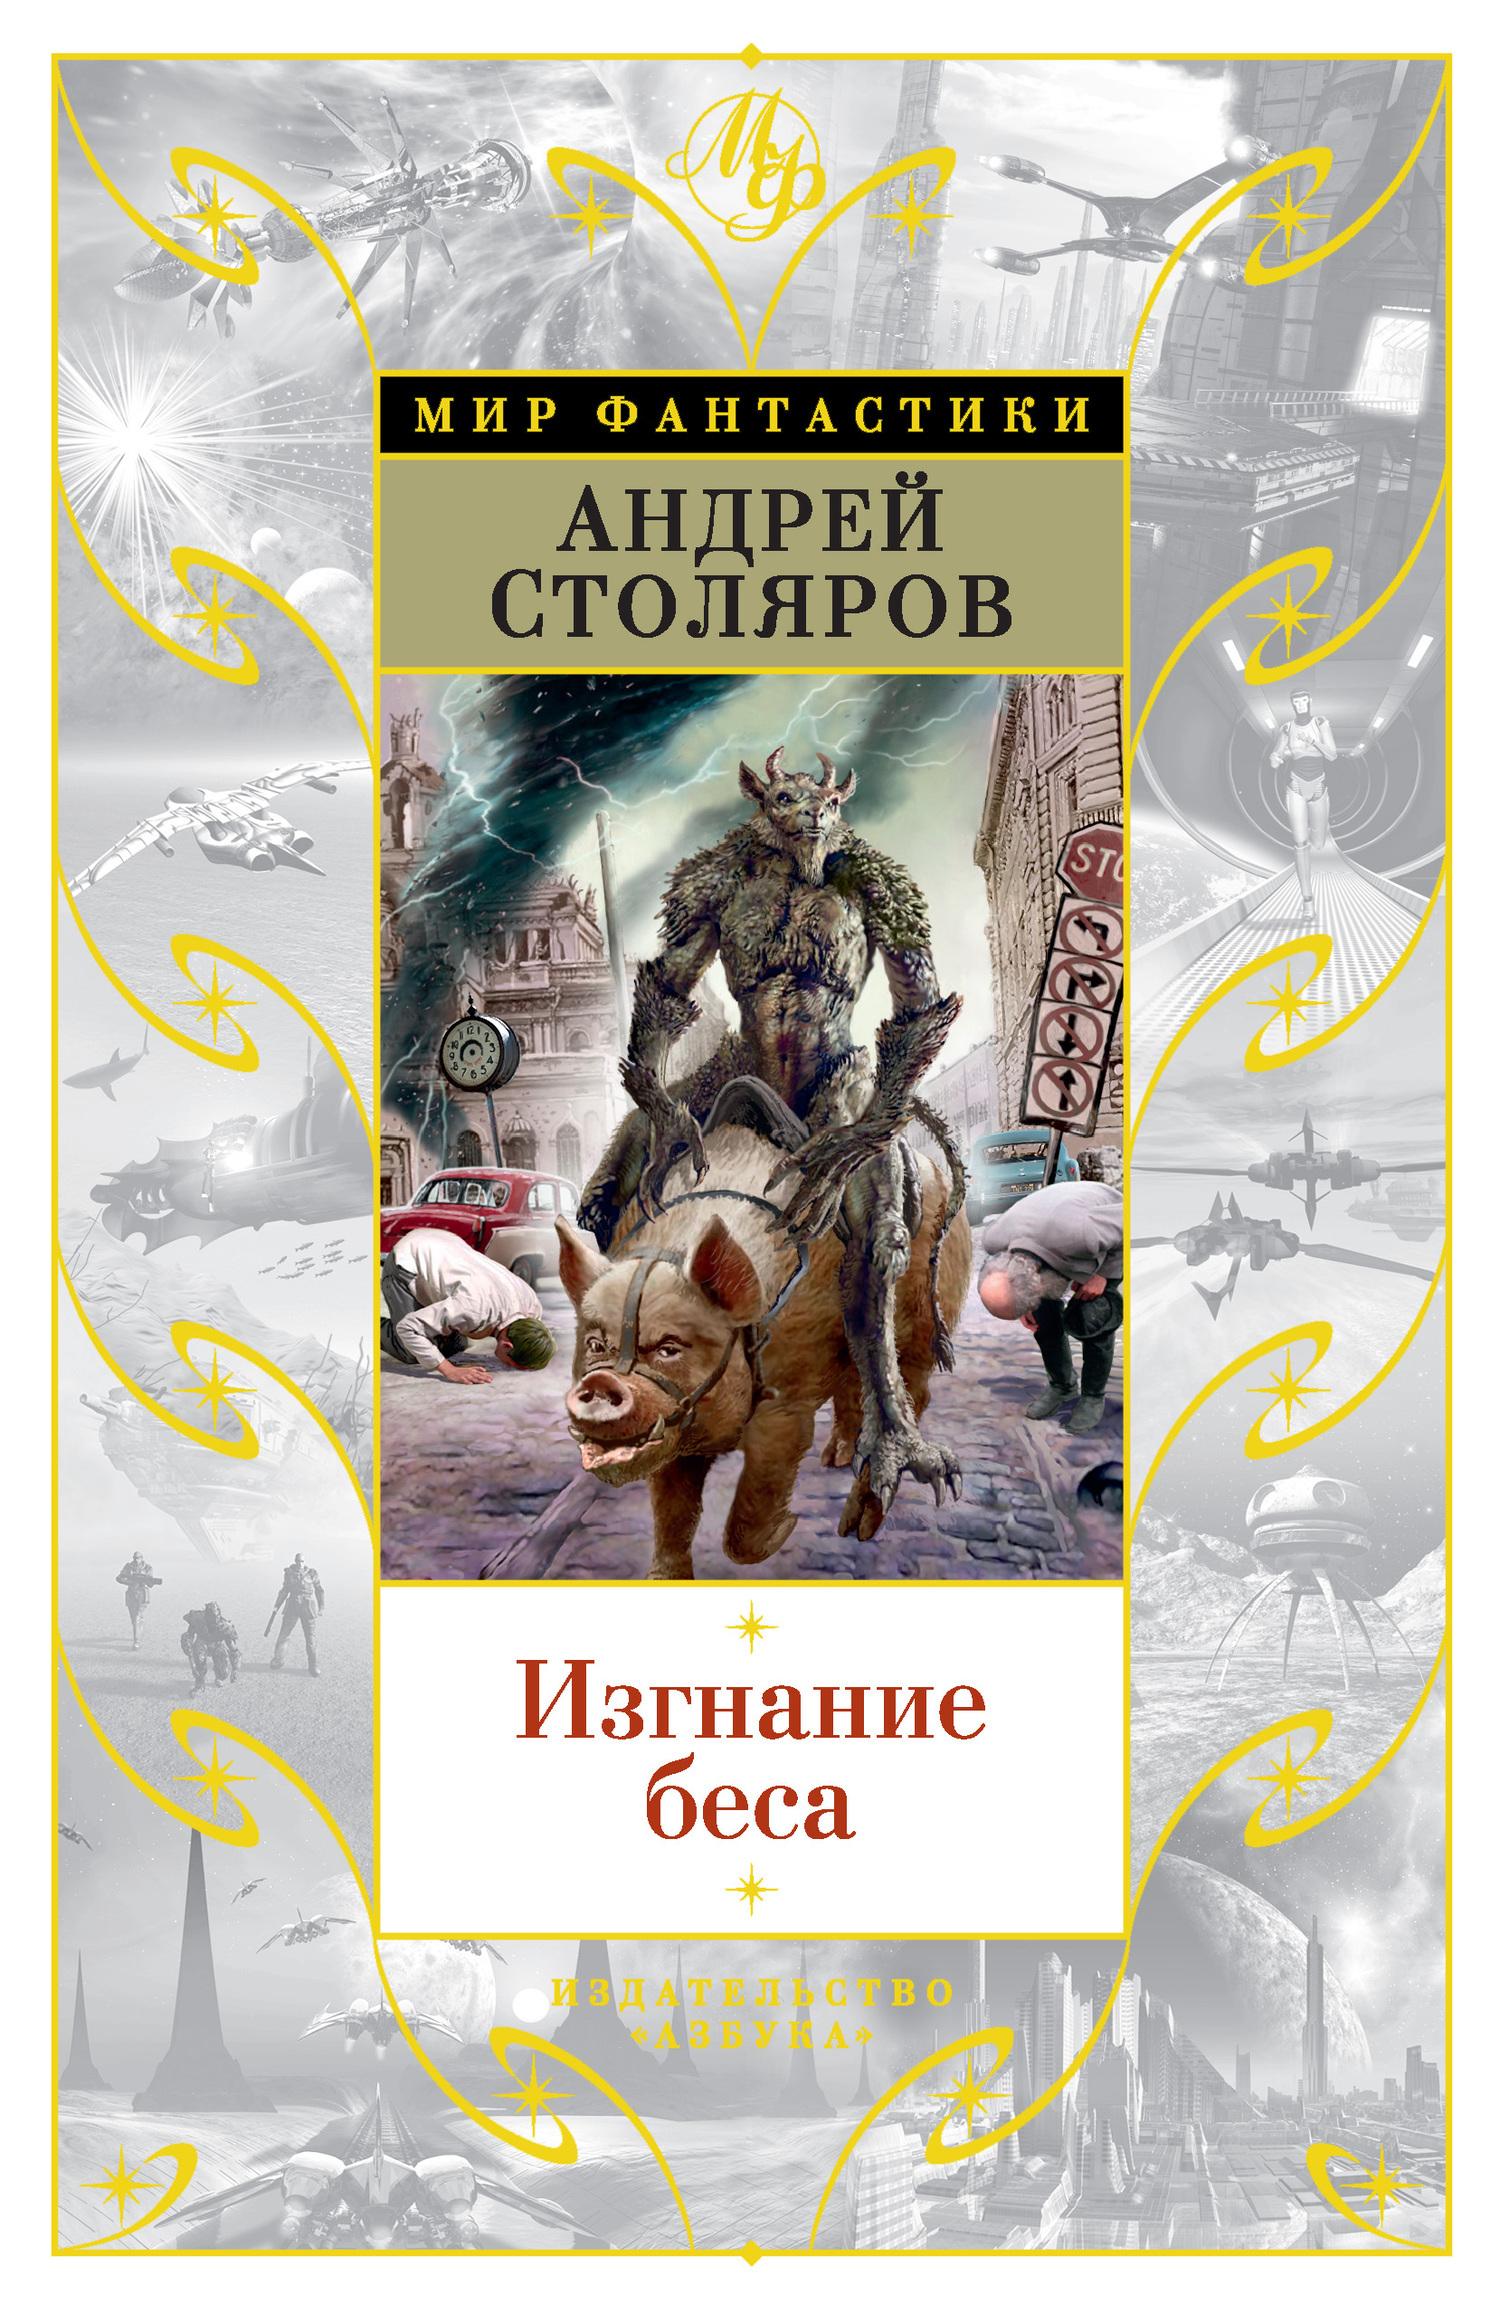 Андрей Столяров - Изгнание беса (сборник)